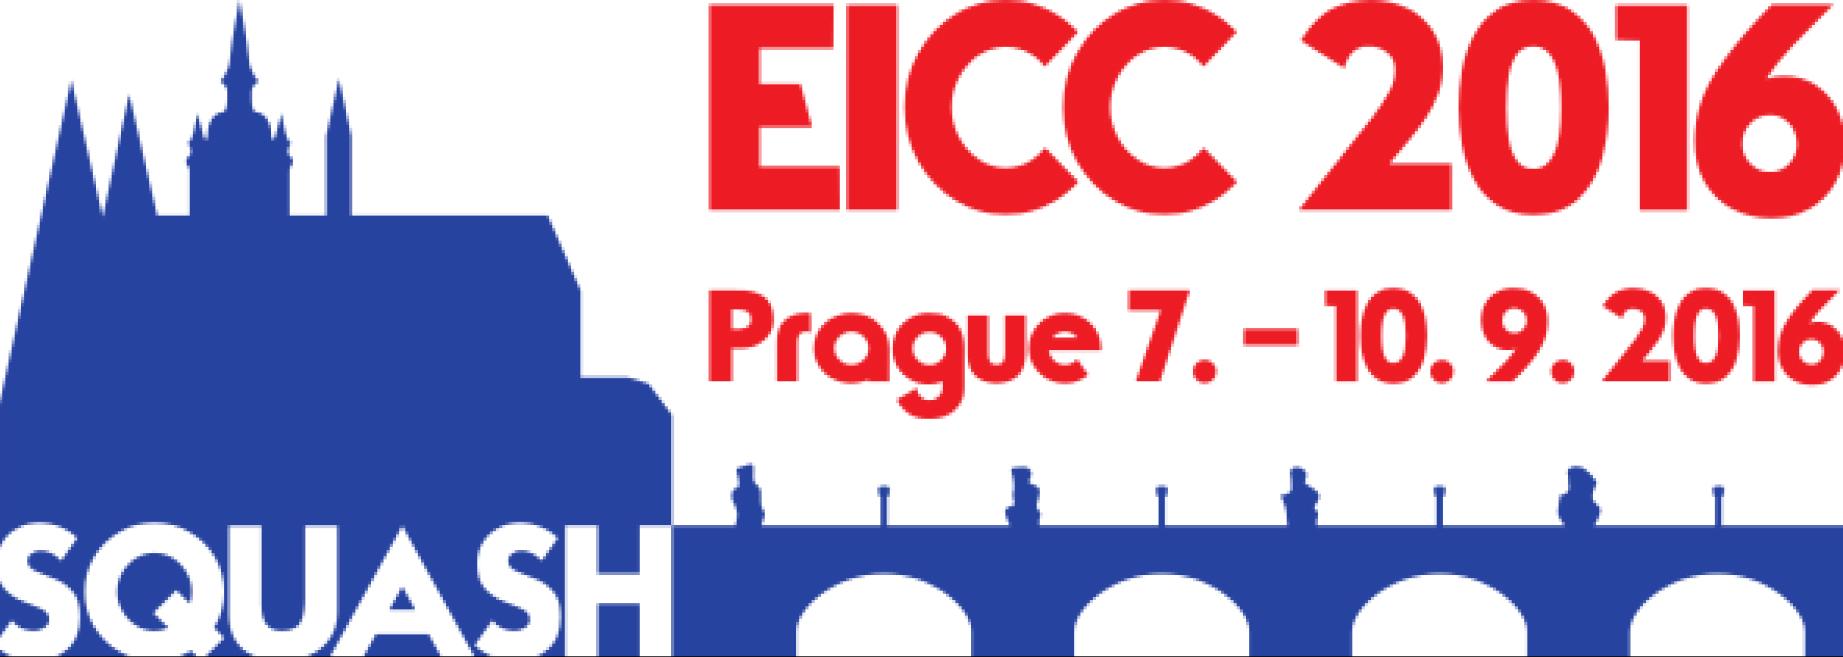 EICC2016Praga